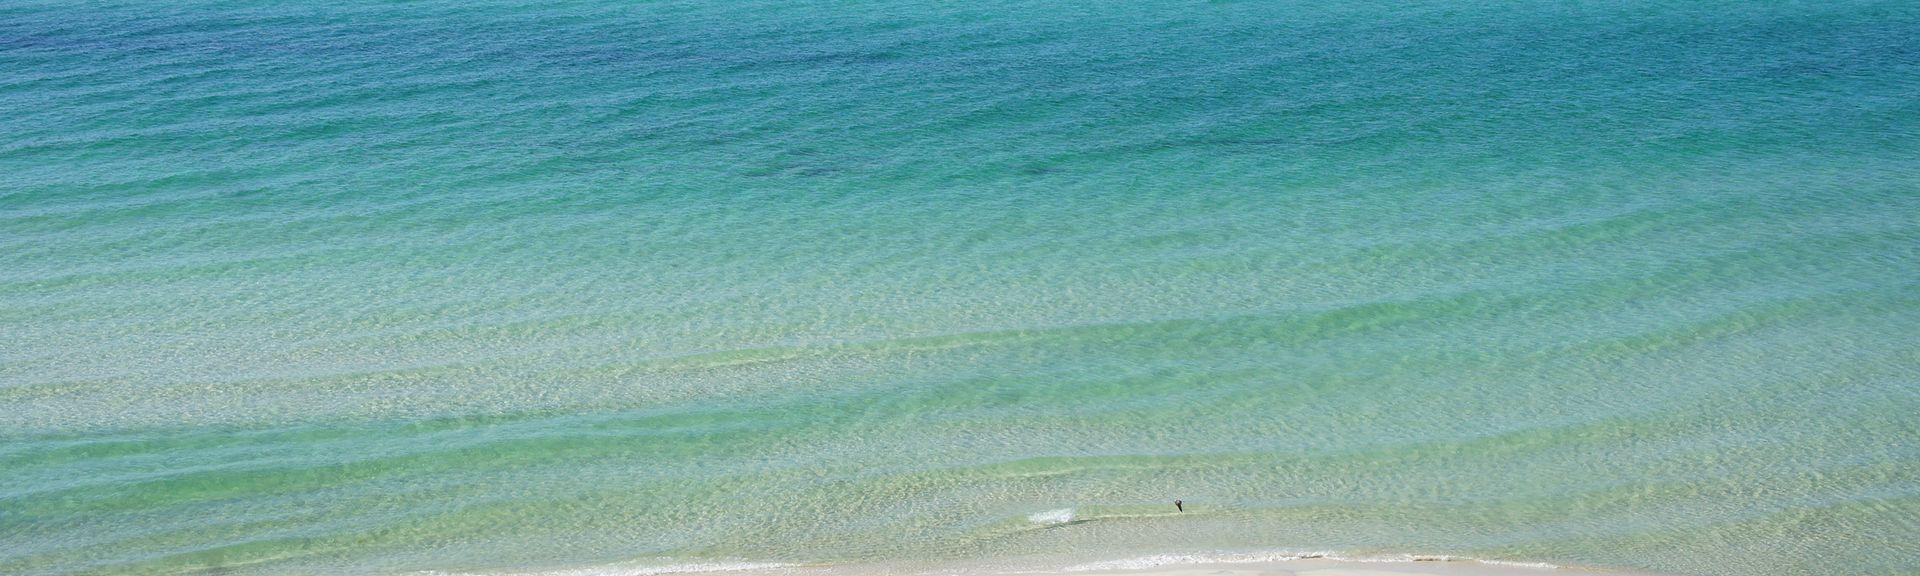 Sterling Breeze, Panama City Beach, FL, USA